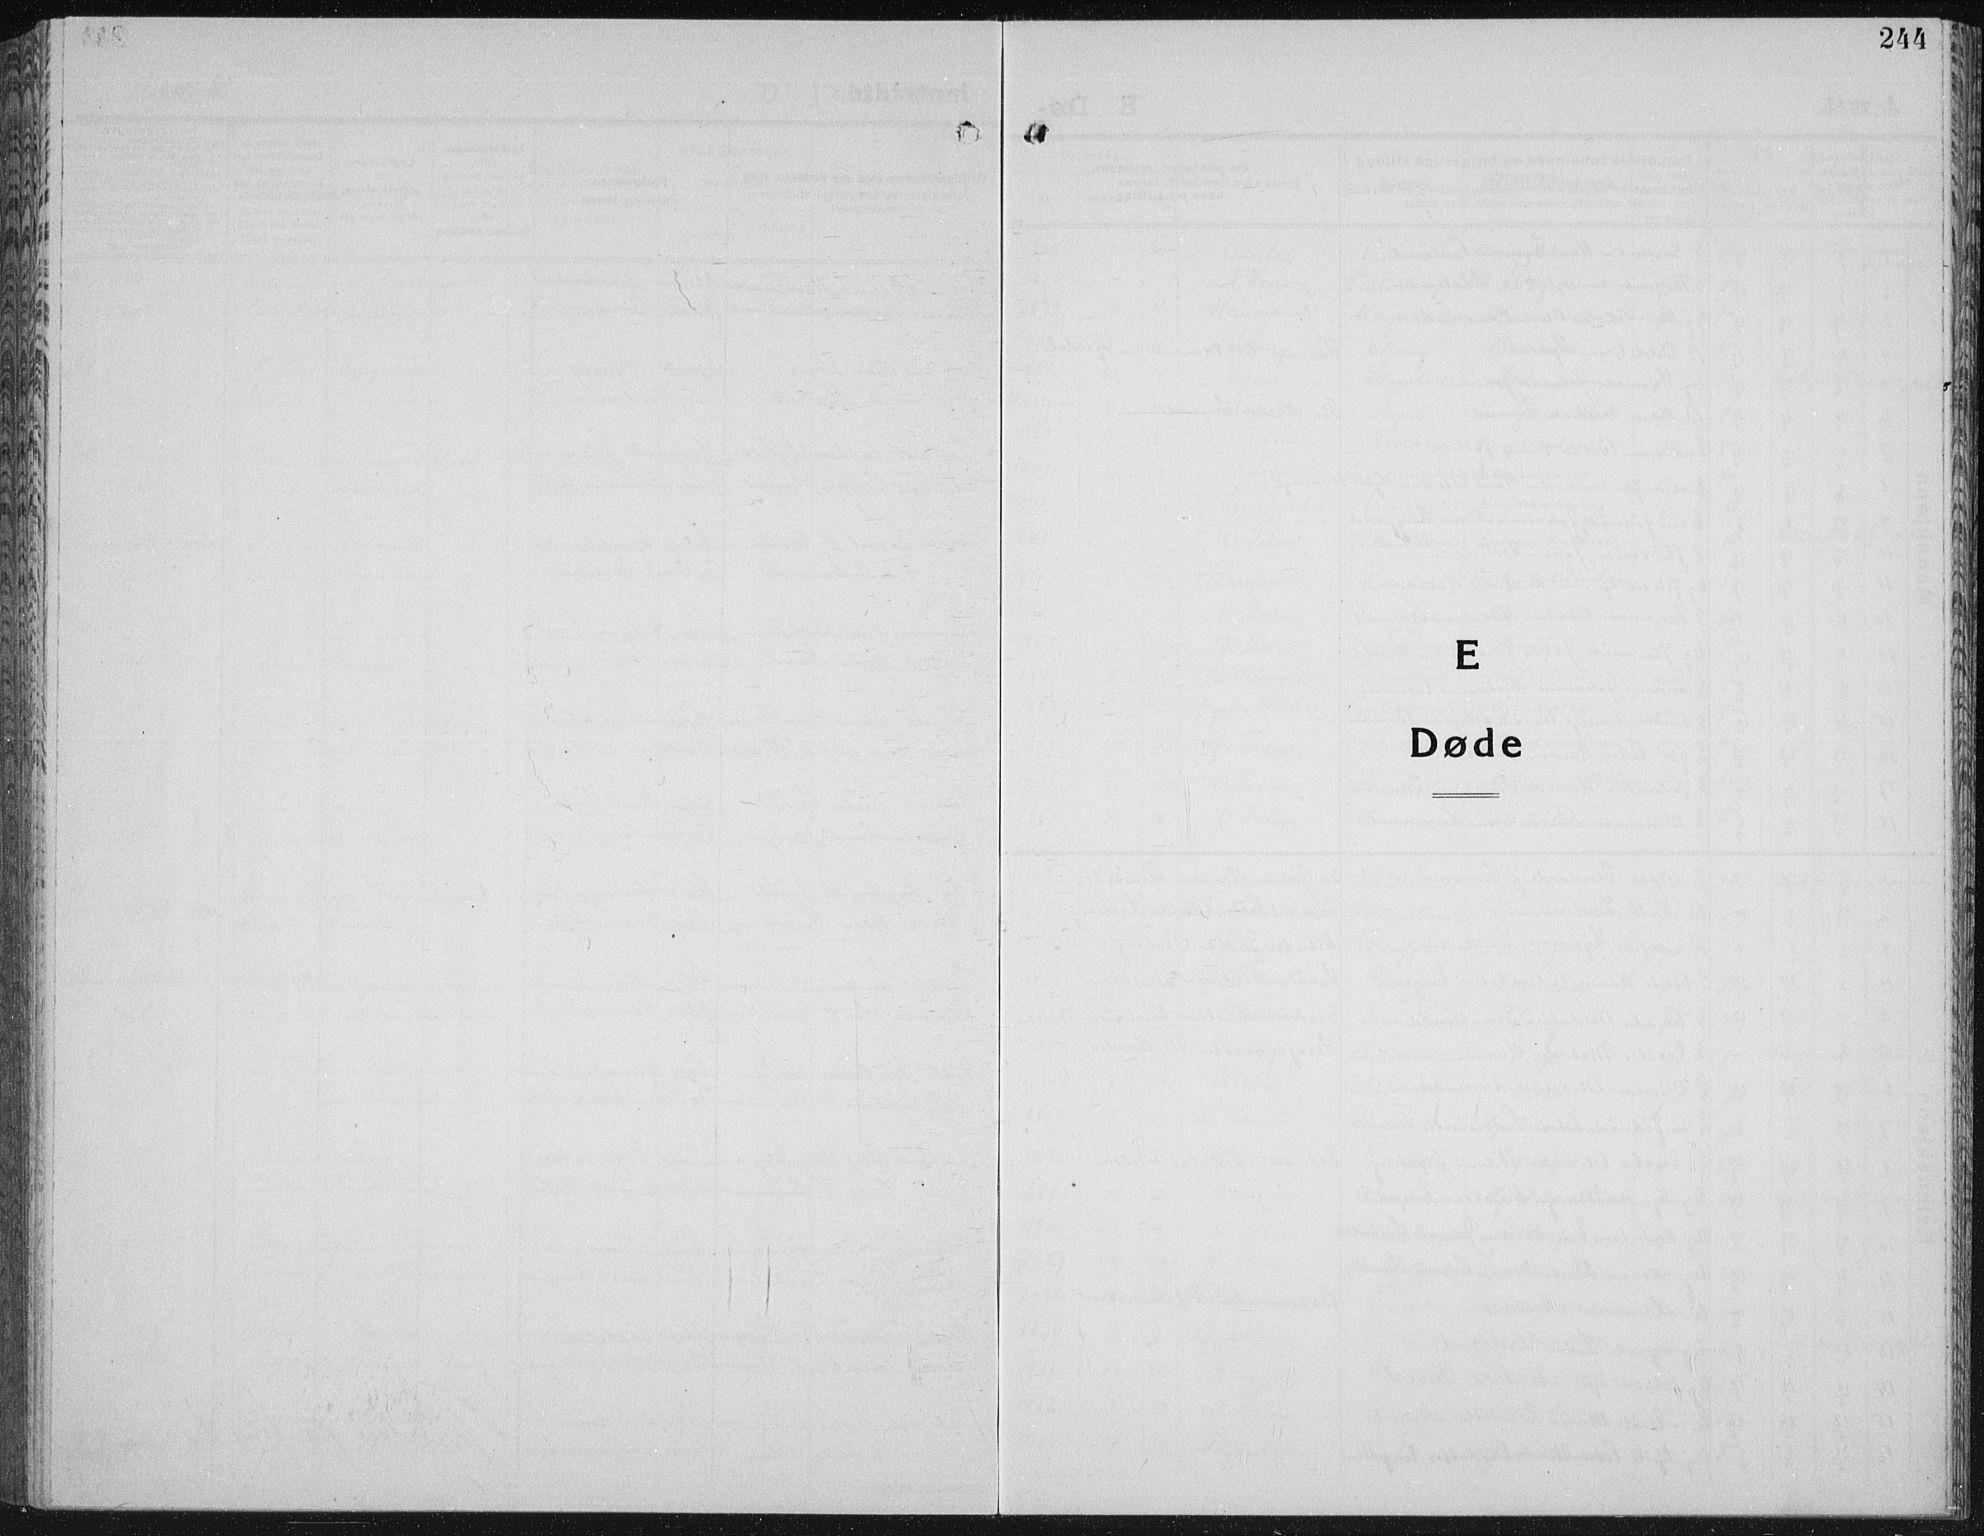 SAH, Vestre Toten prestekontor, Klokkerbok nr. 18, 1928-1941, s. 244